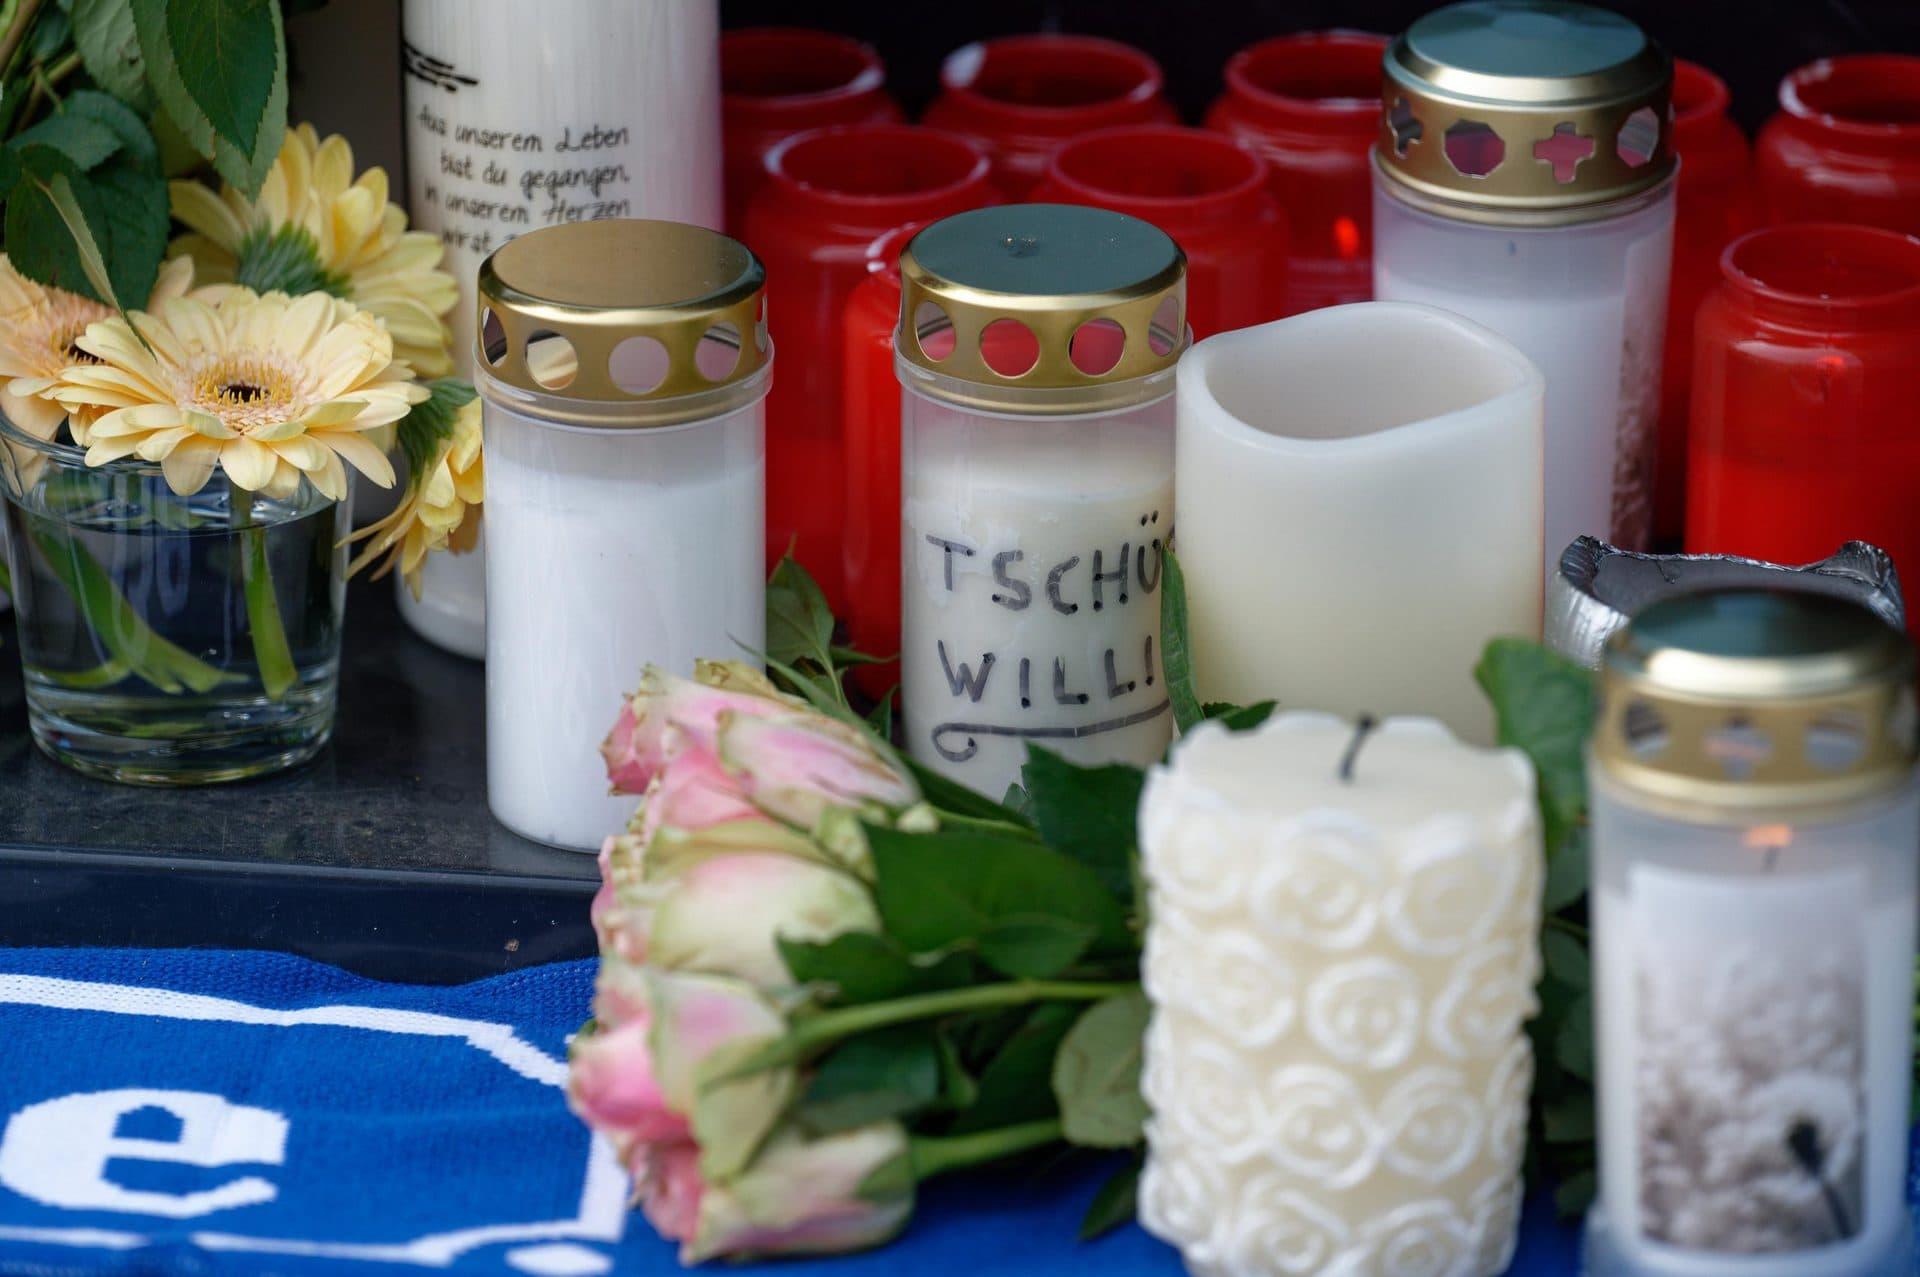 Todesfall Willi Herren: Keine Hinweise auf Gewalteinwirkung  Obduktion